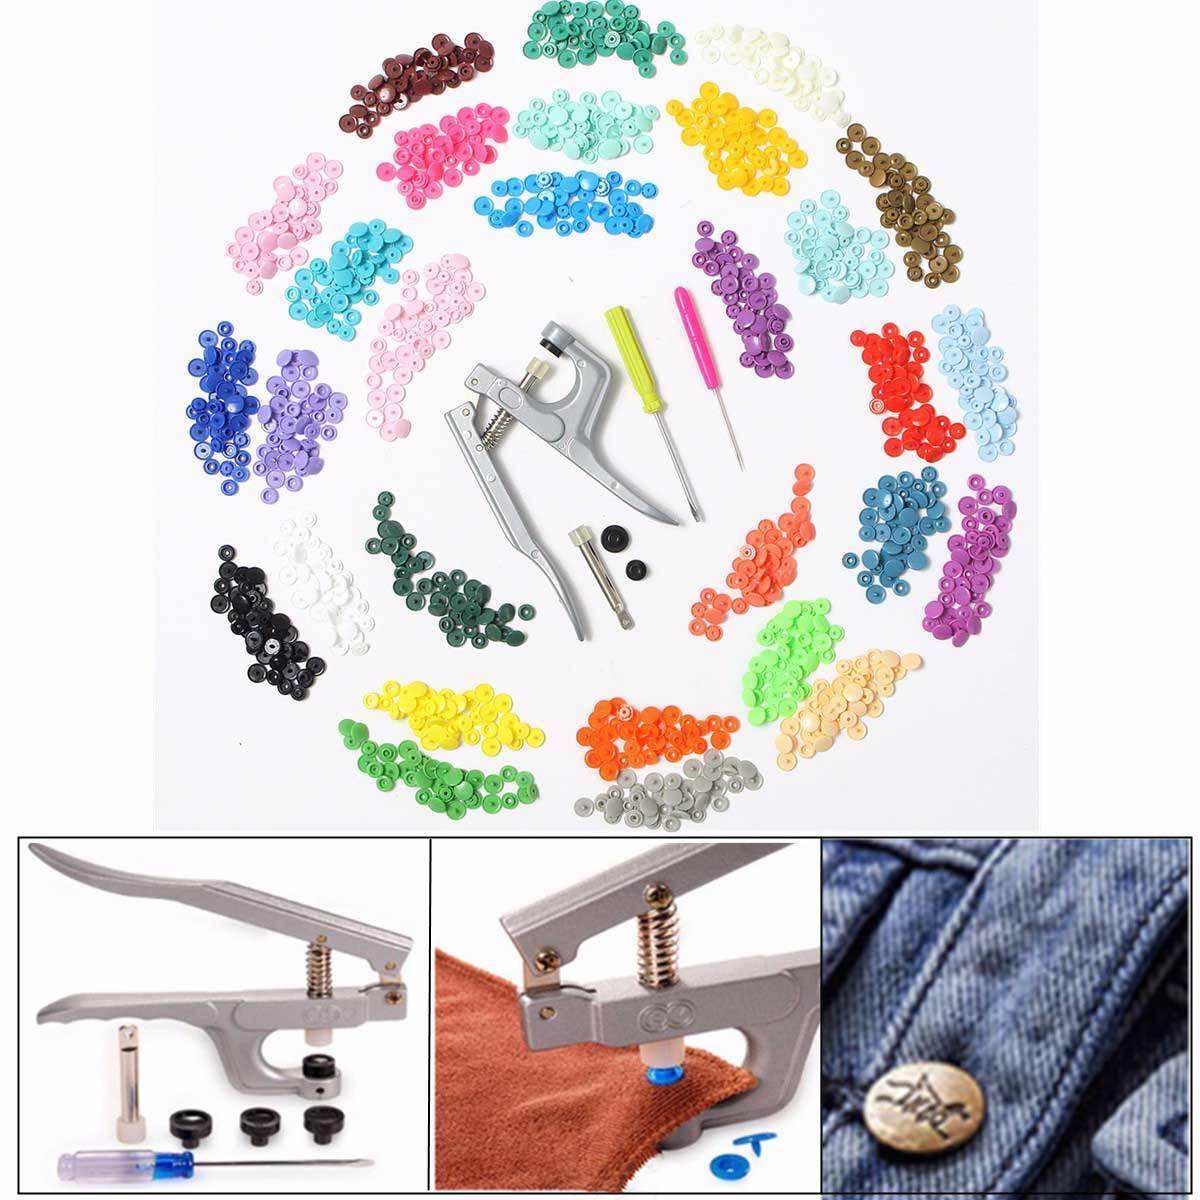 300 peças 10 Cores KAM Snaps T5 Snap Arranque Plástico Poppers Fasteners + 1 Alicate para Costura Handmade DIY Pano Suplies